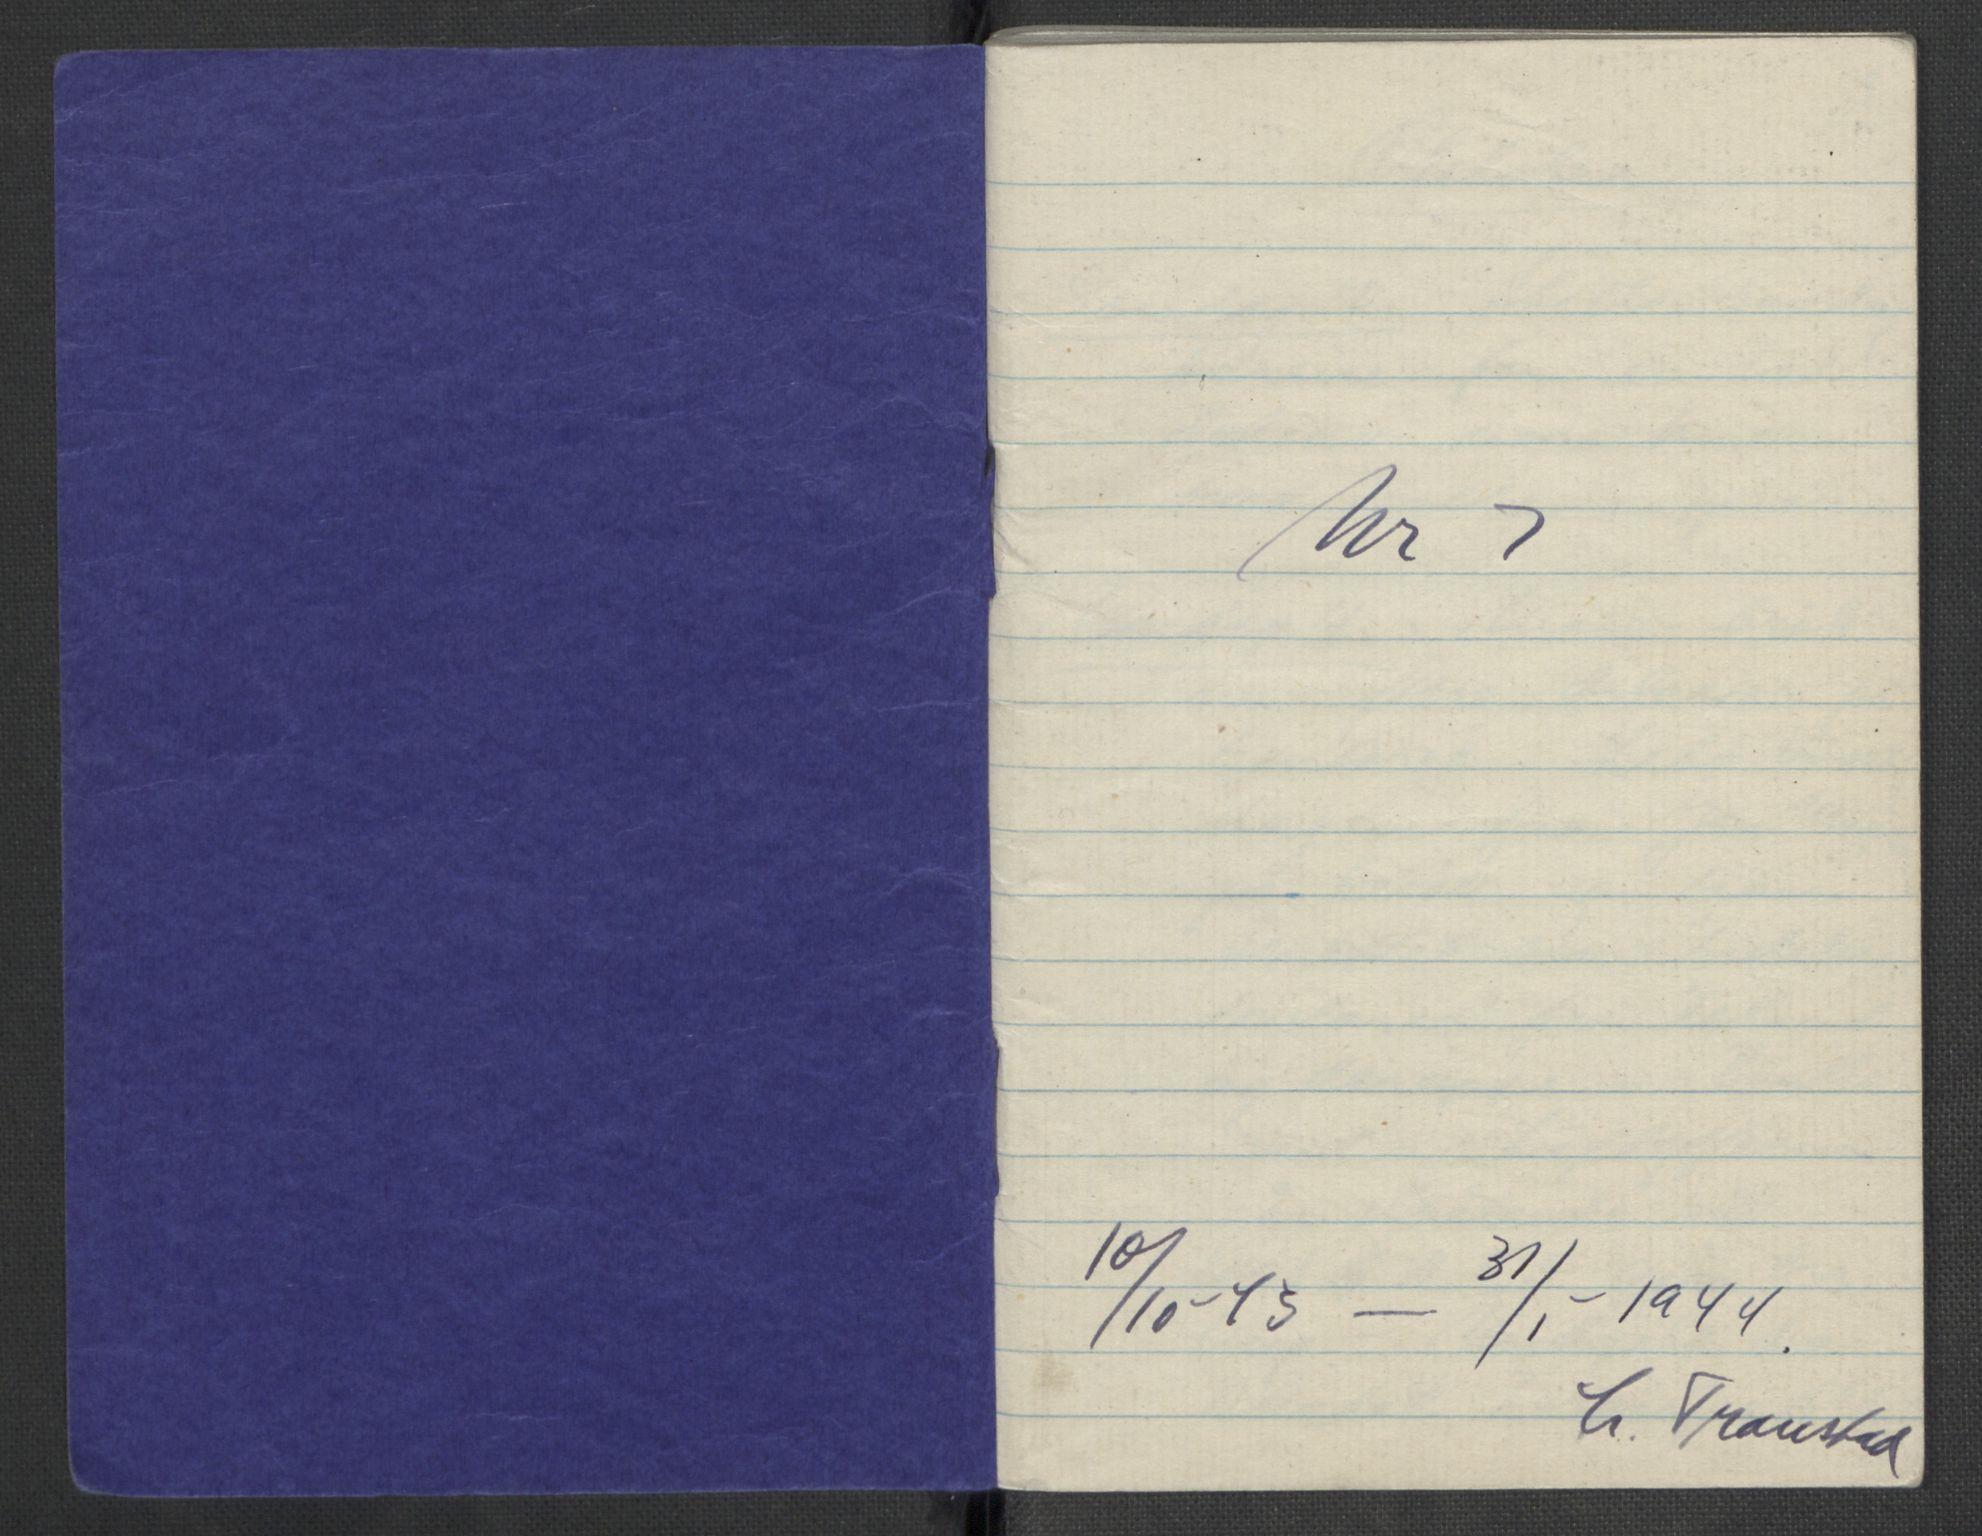 RA, Tronstad, Leif, F/L0001: Dagbøker, 1941-1945, s. 559